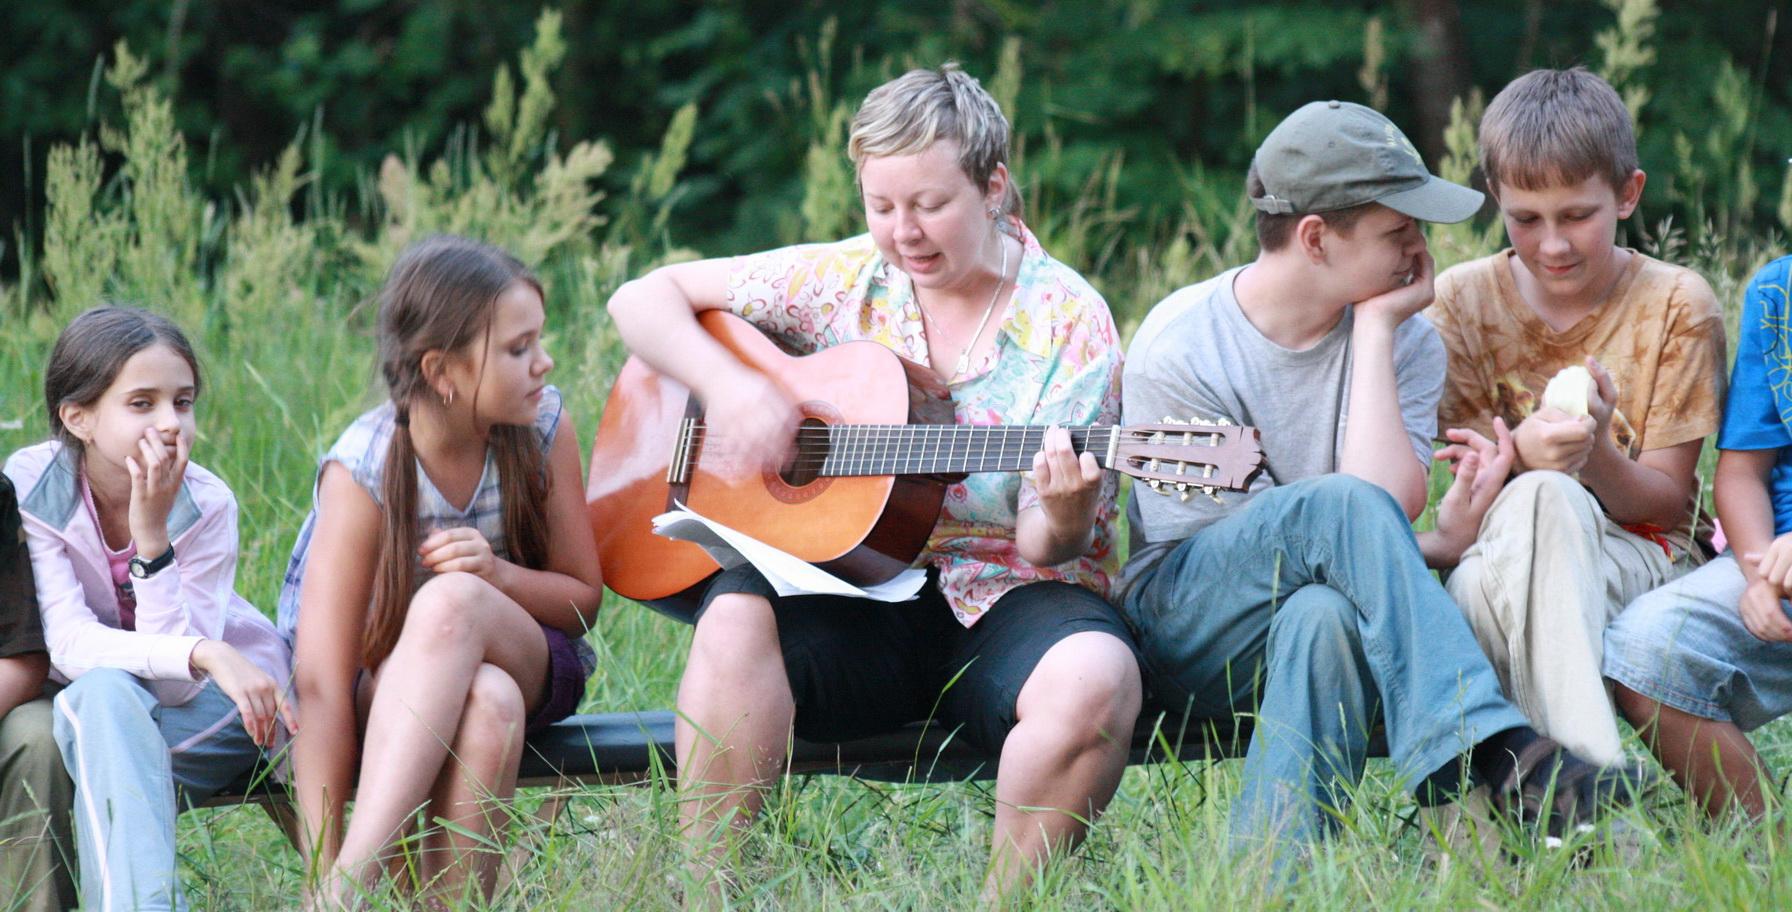 <span>Петь песни под гитару, общаться, слушать и рассказывать байки</span>